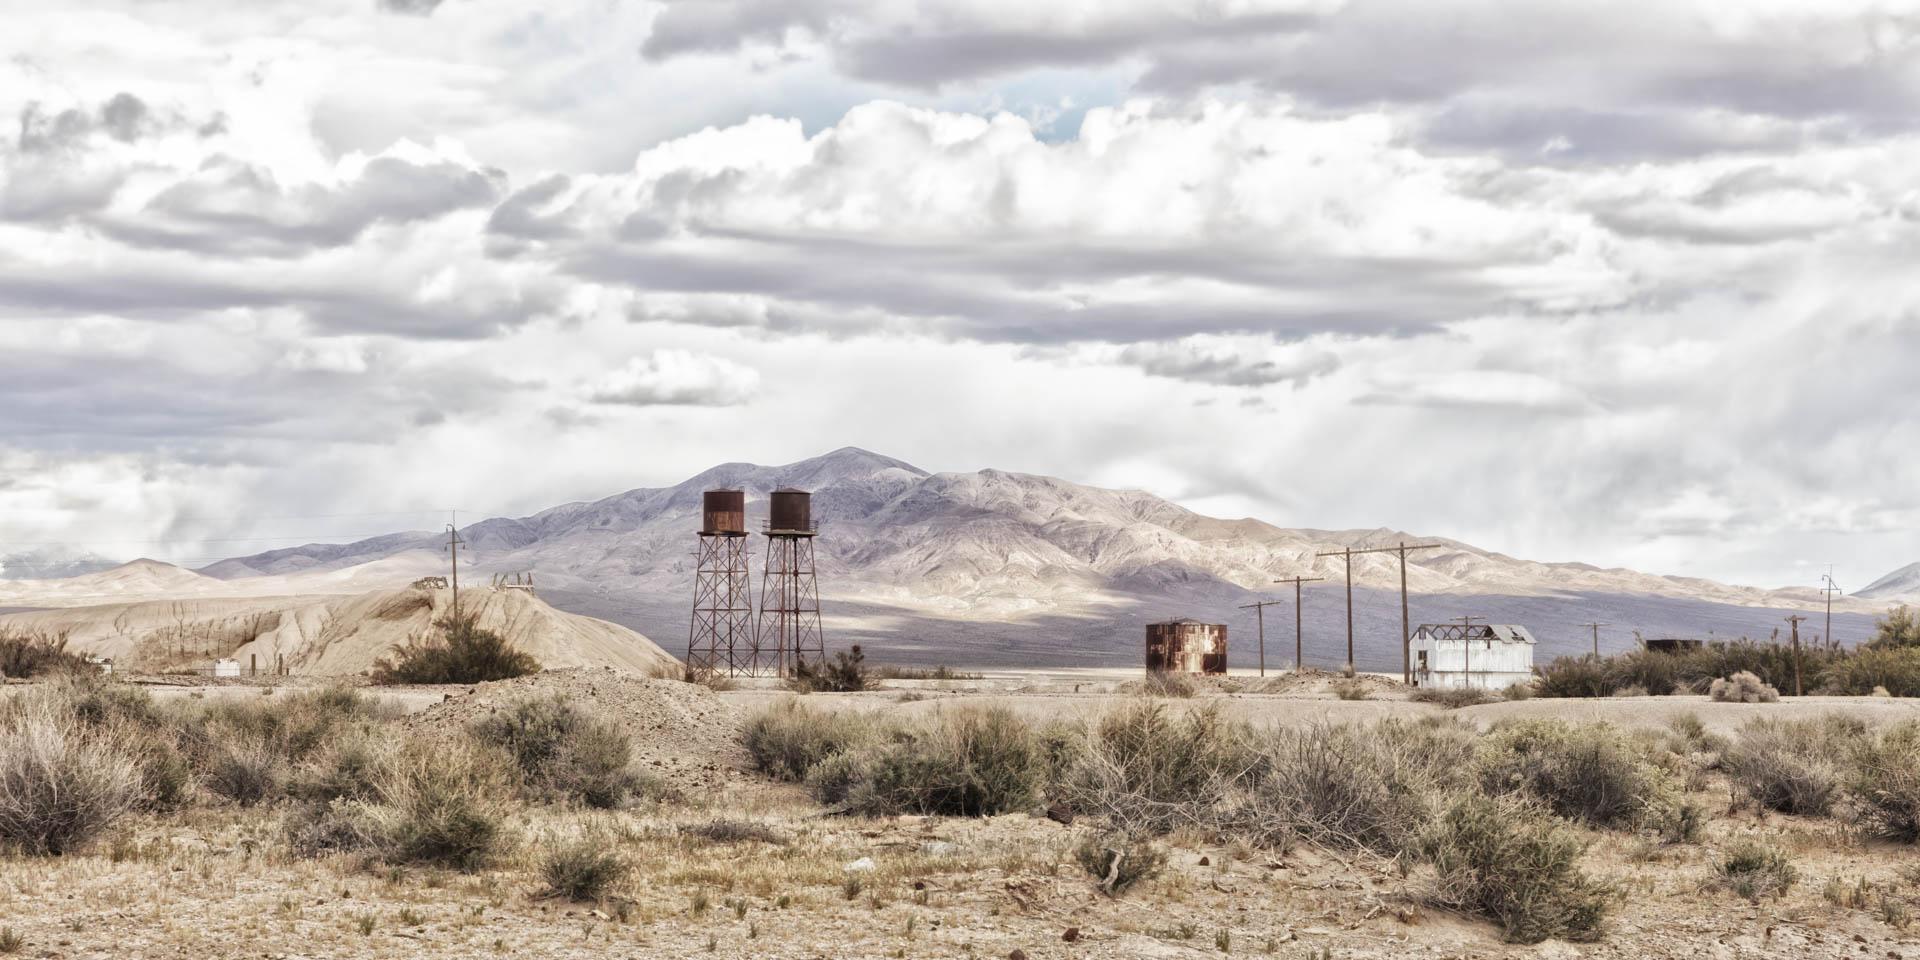 LDKphoto - Death Valley - 19.jpg